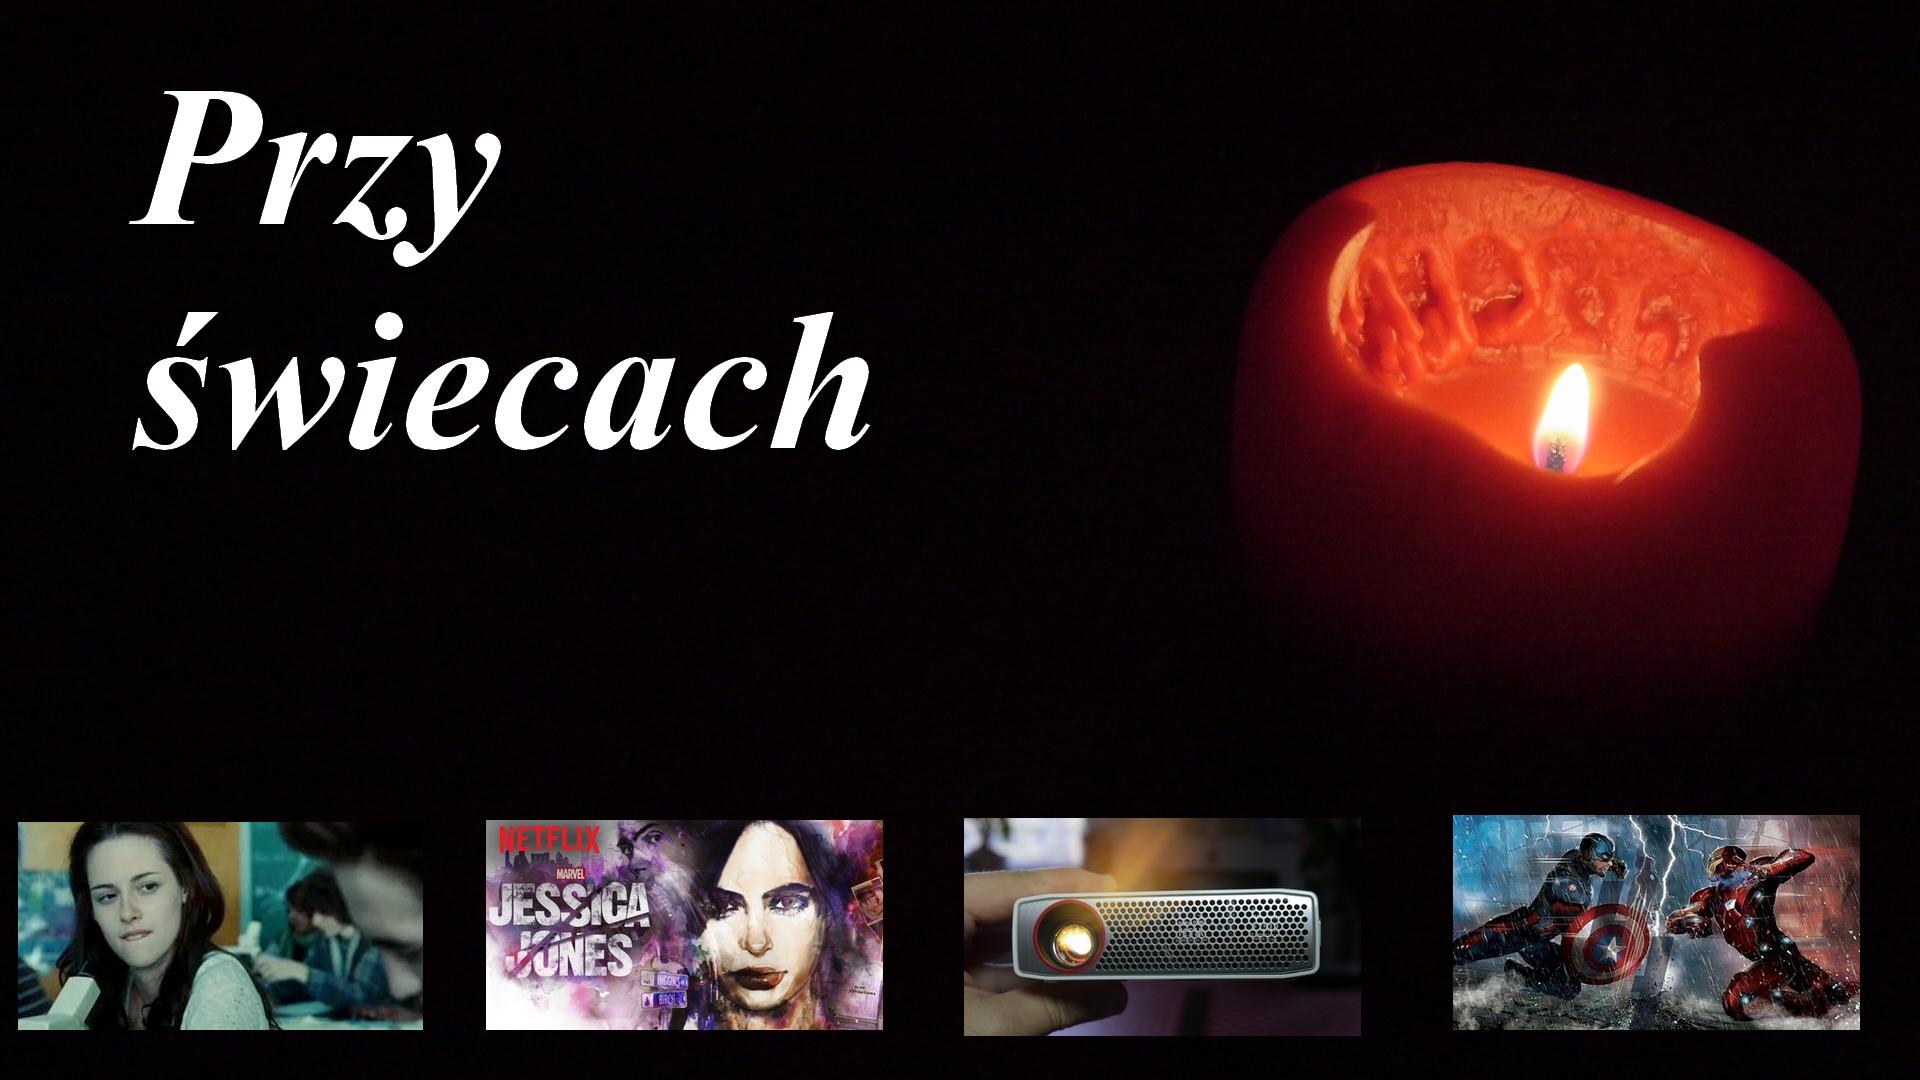 Przy świecach - Zmierzch, Jessica Jones, Pico projektory, Civil War